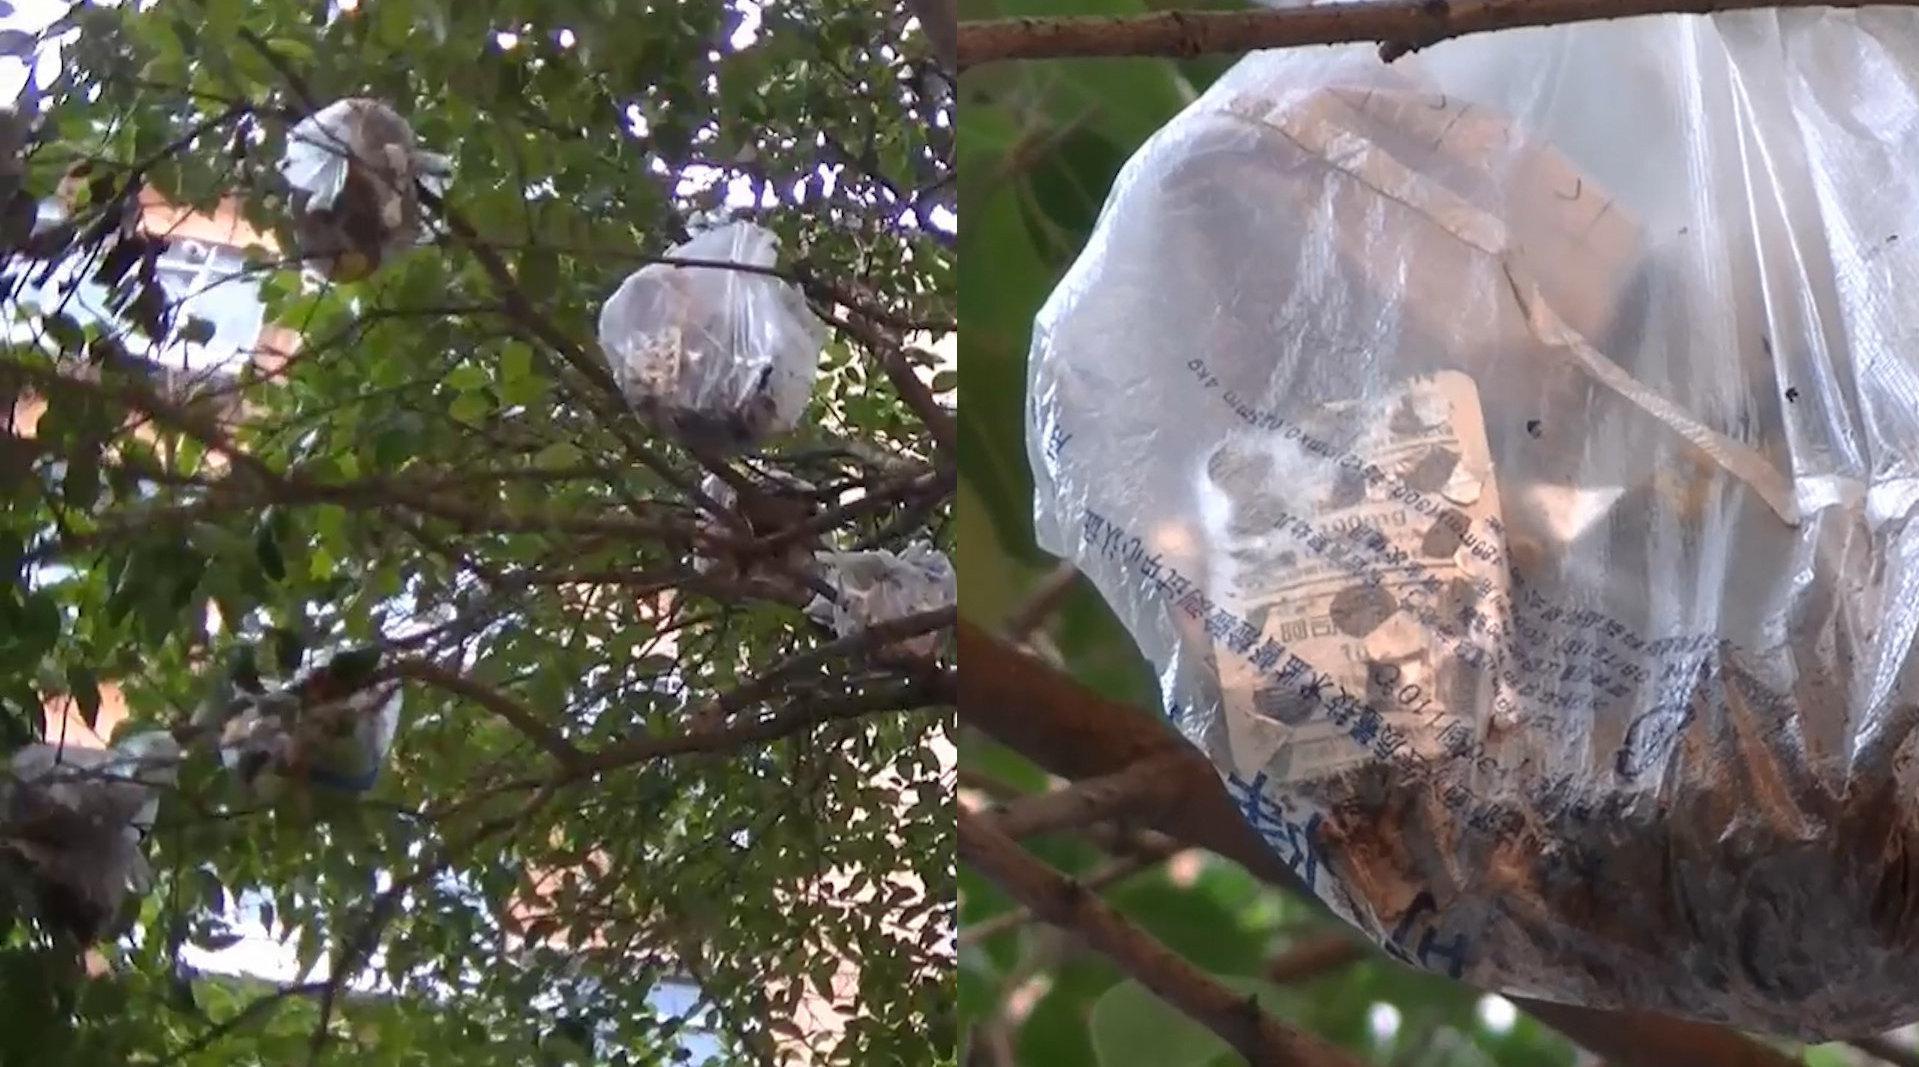 郑州某小区绿化树上挂满垃圾袋 ,一楼住户:都是楼上图省事扔的